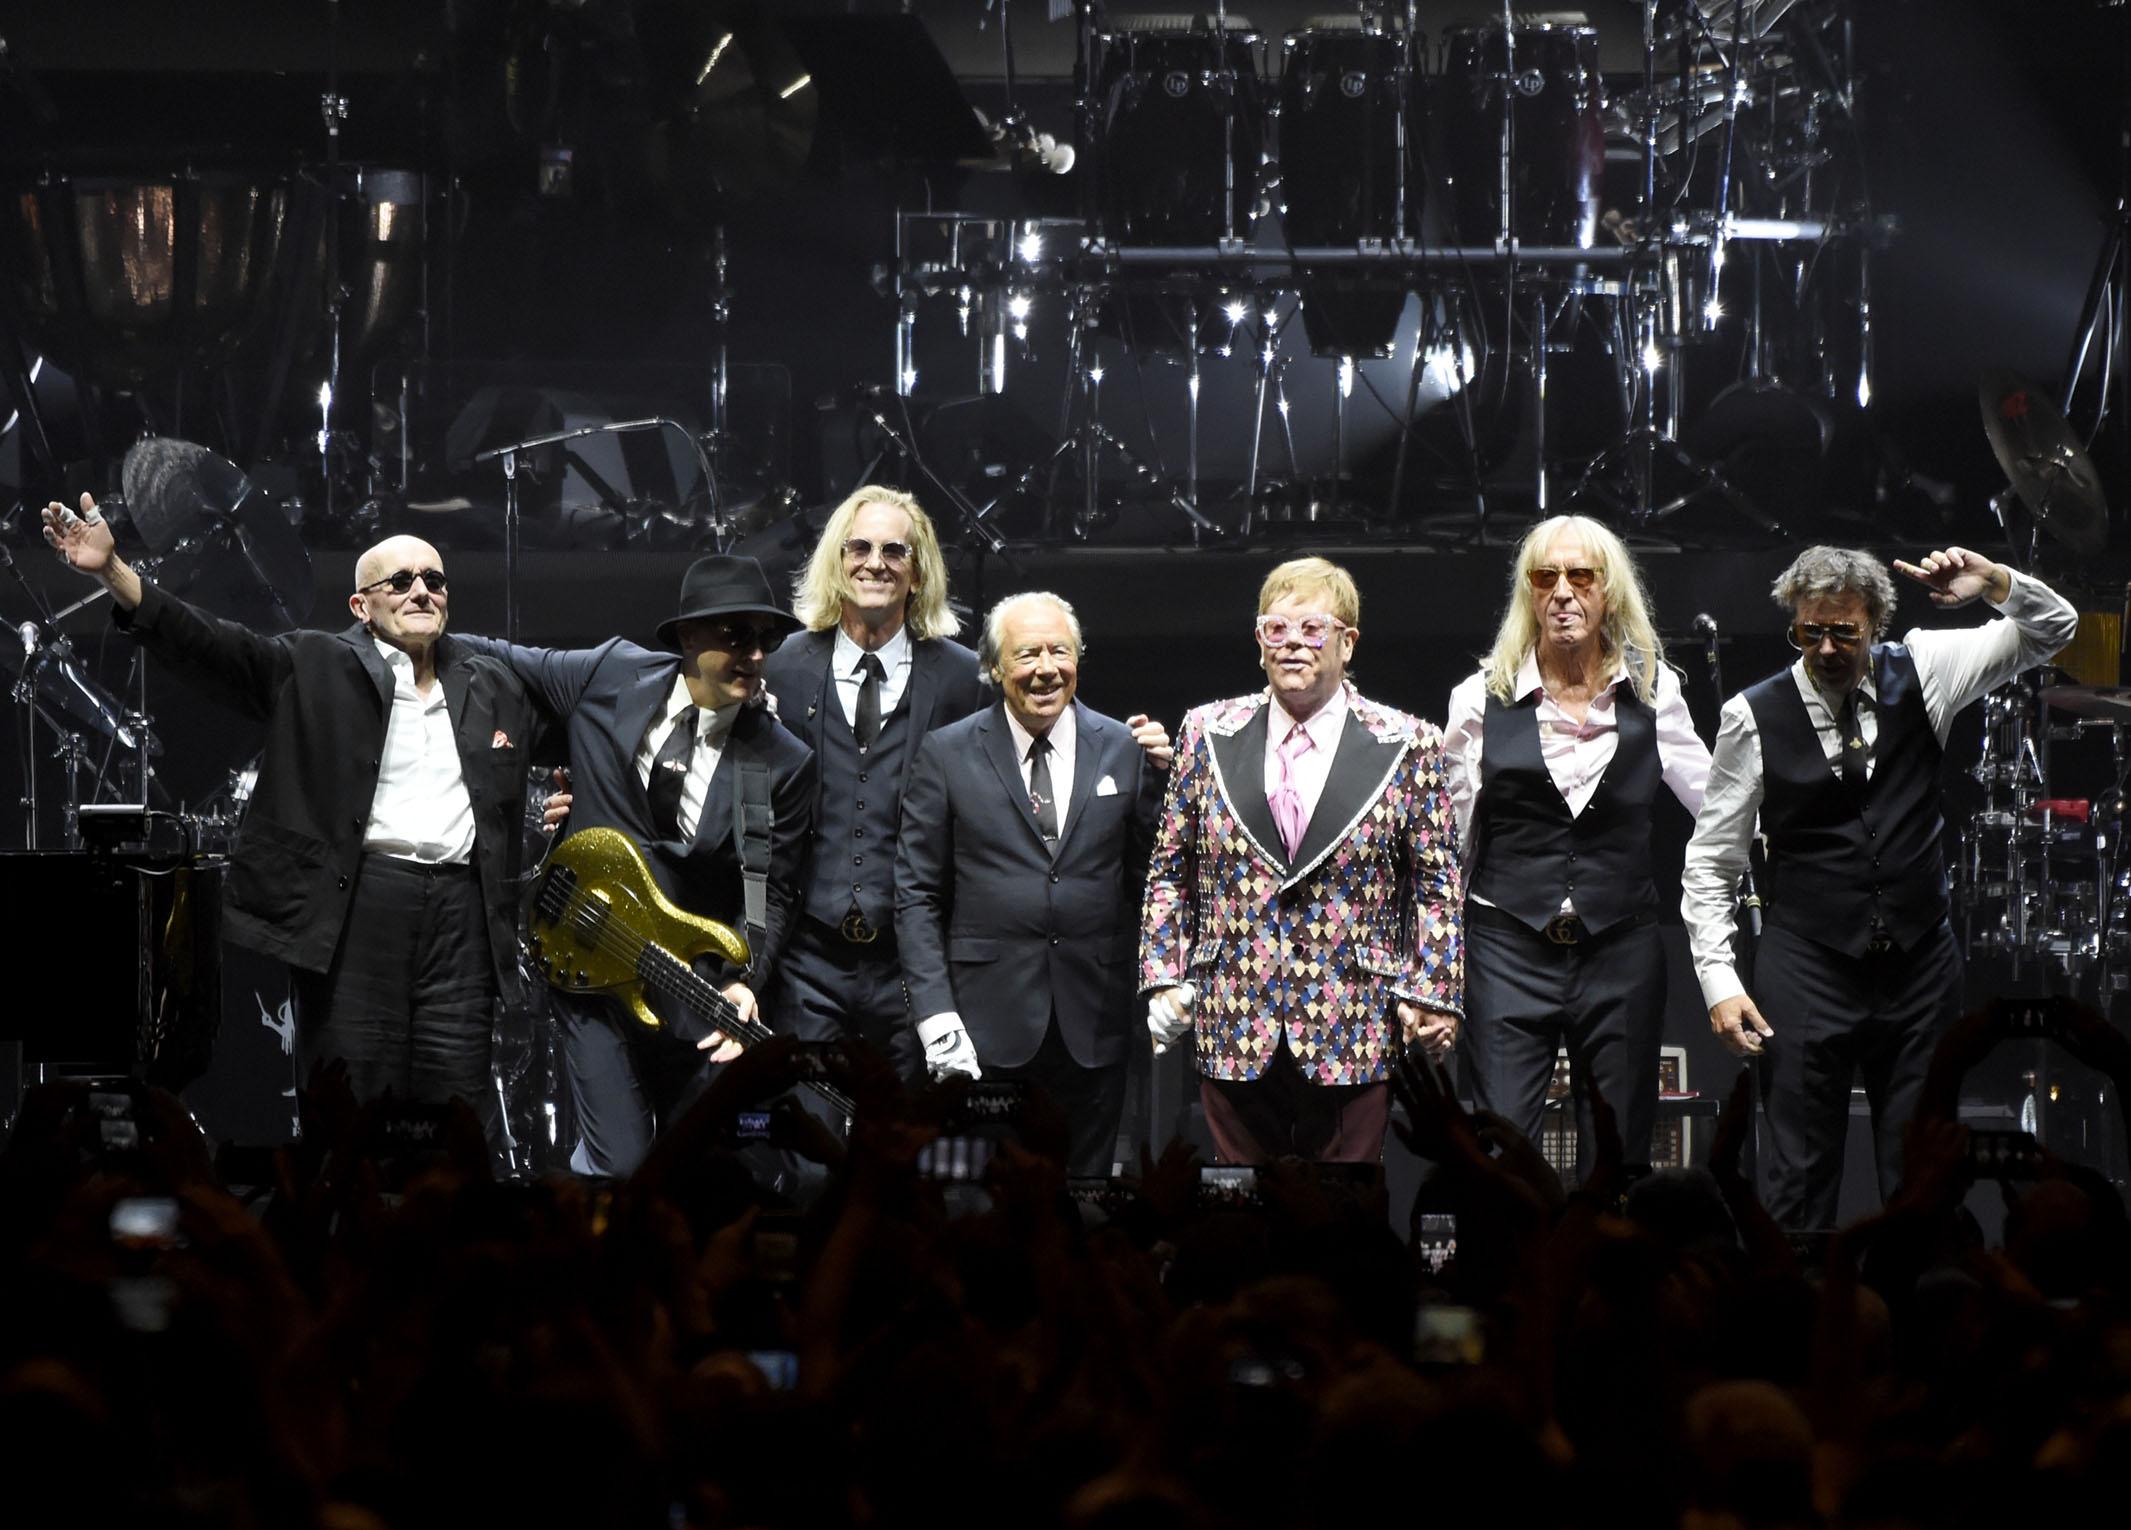 Pic-Elton-John-Band.jpg